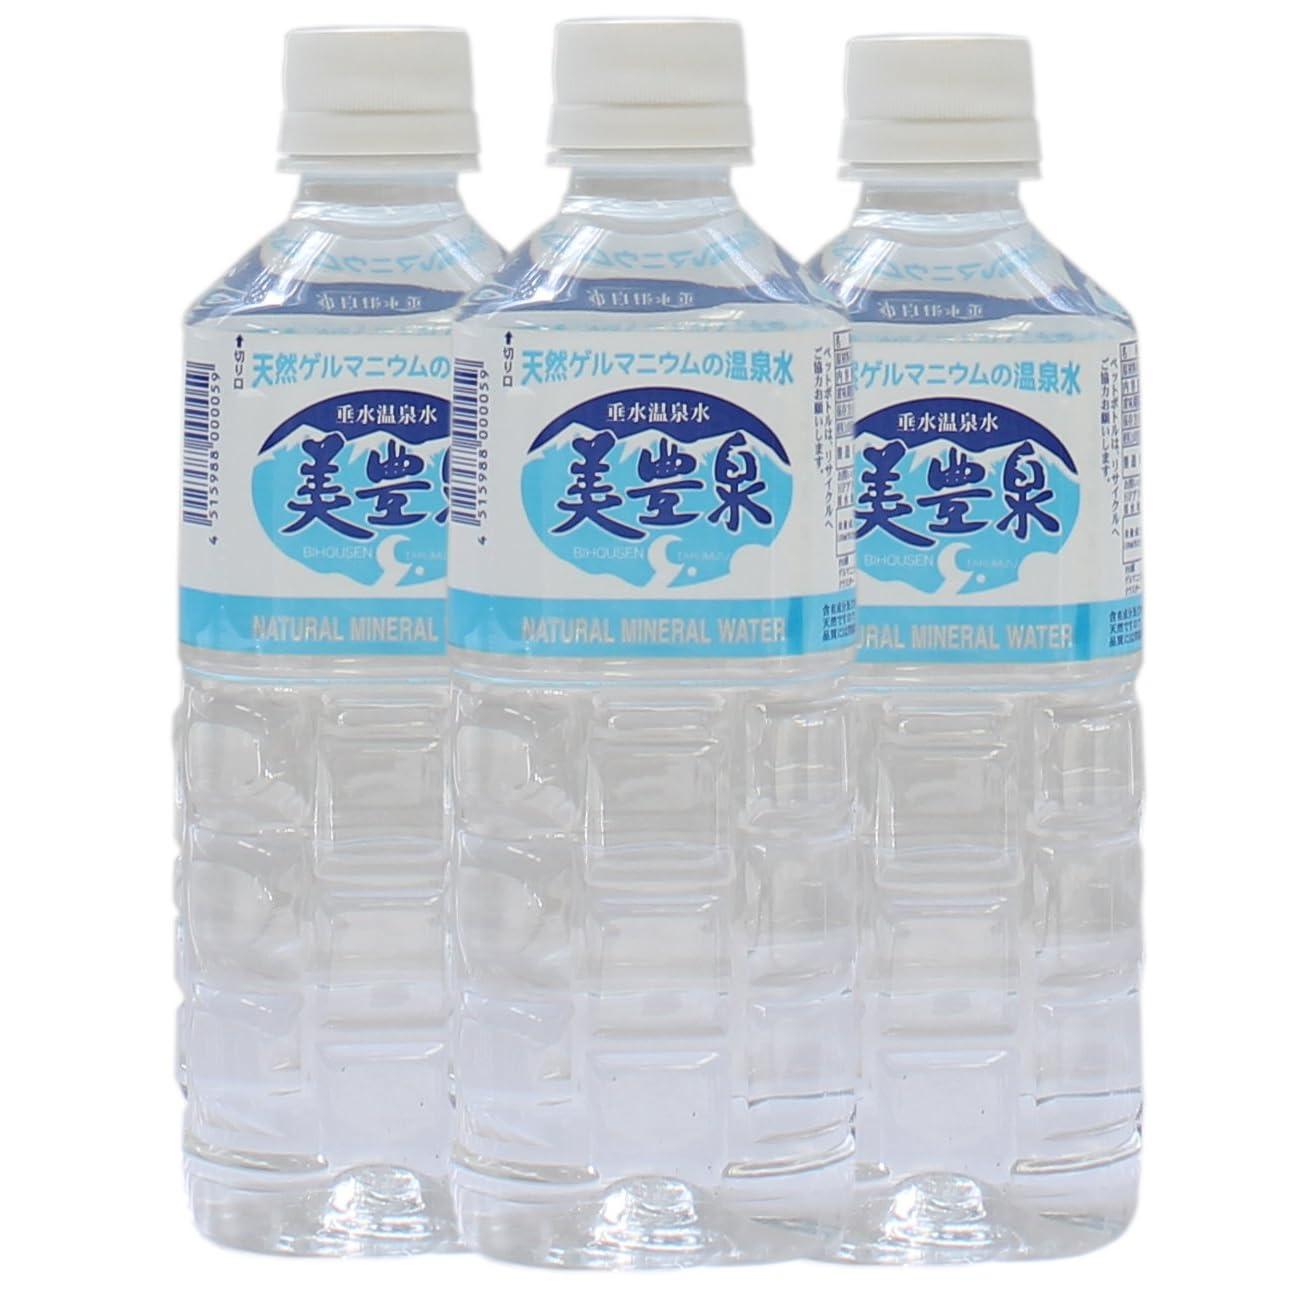 鹿児島 垂水の飲む 温泉水 美豊泉 (びほうせん) 500ml ペットボトル × 20本入り